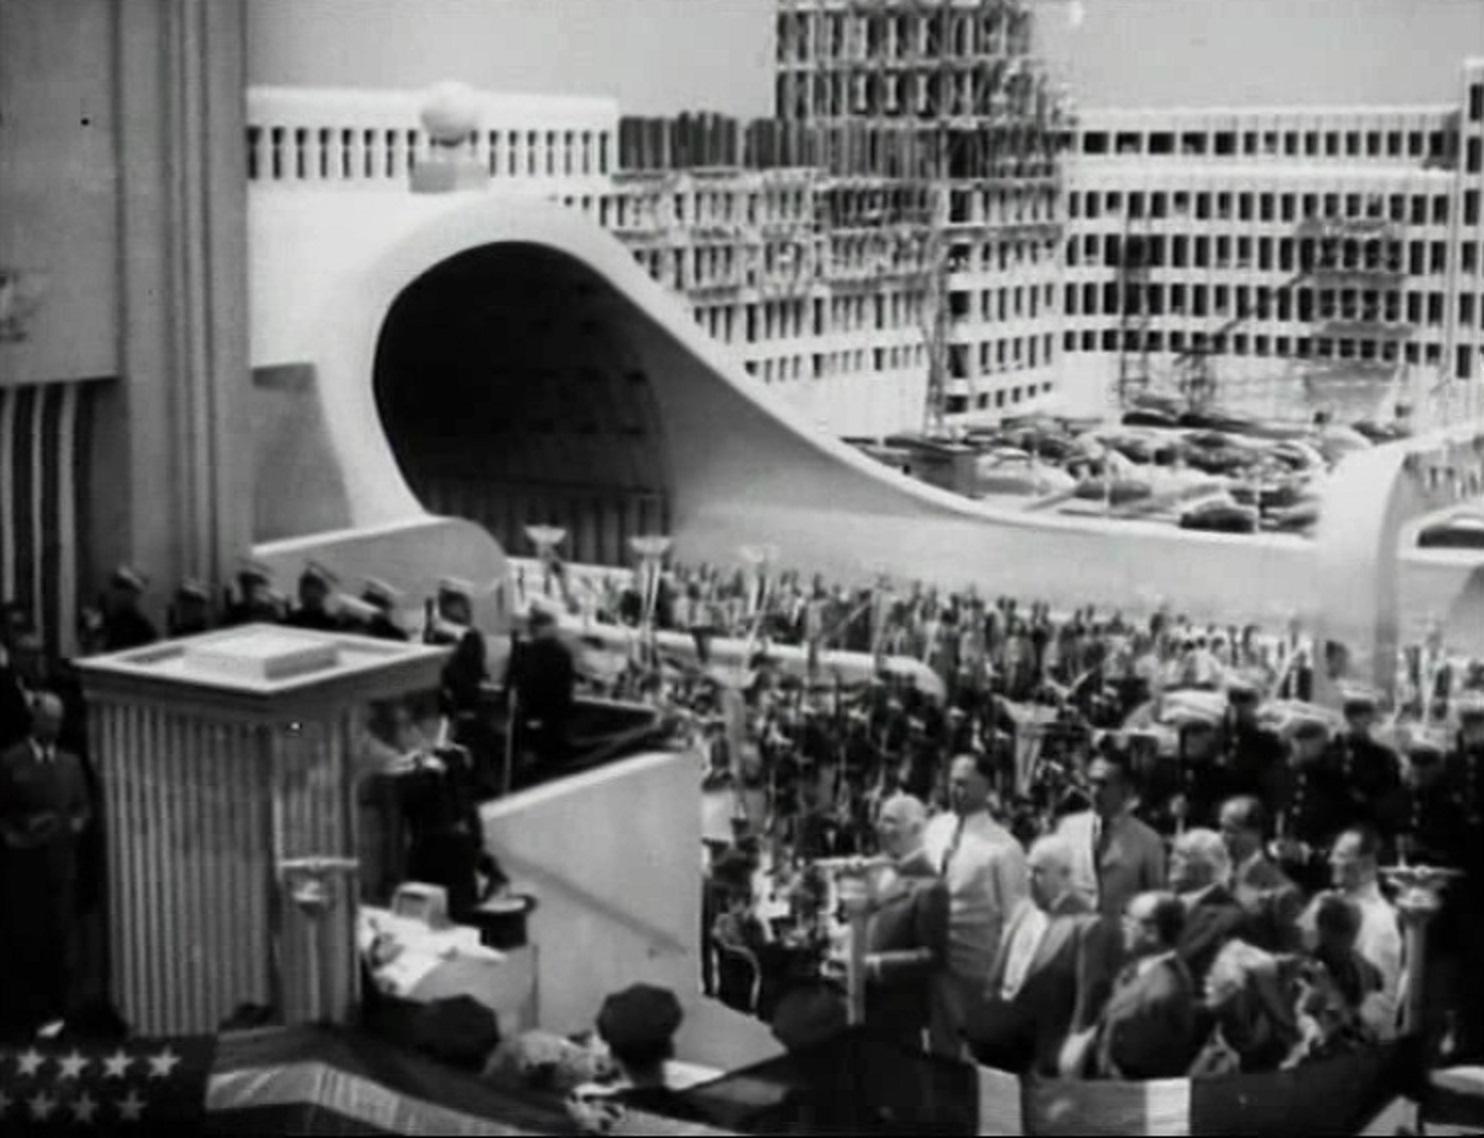 Trans-Atlantic-Tunnel-1935-7.jpg